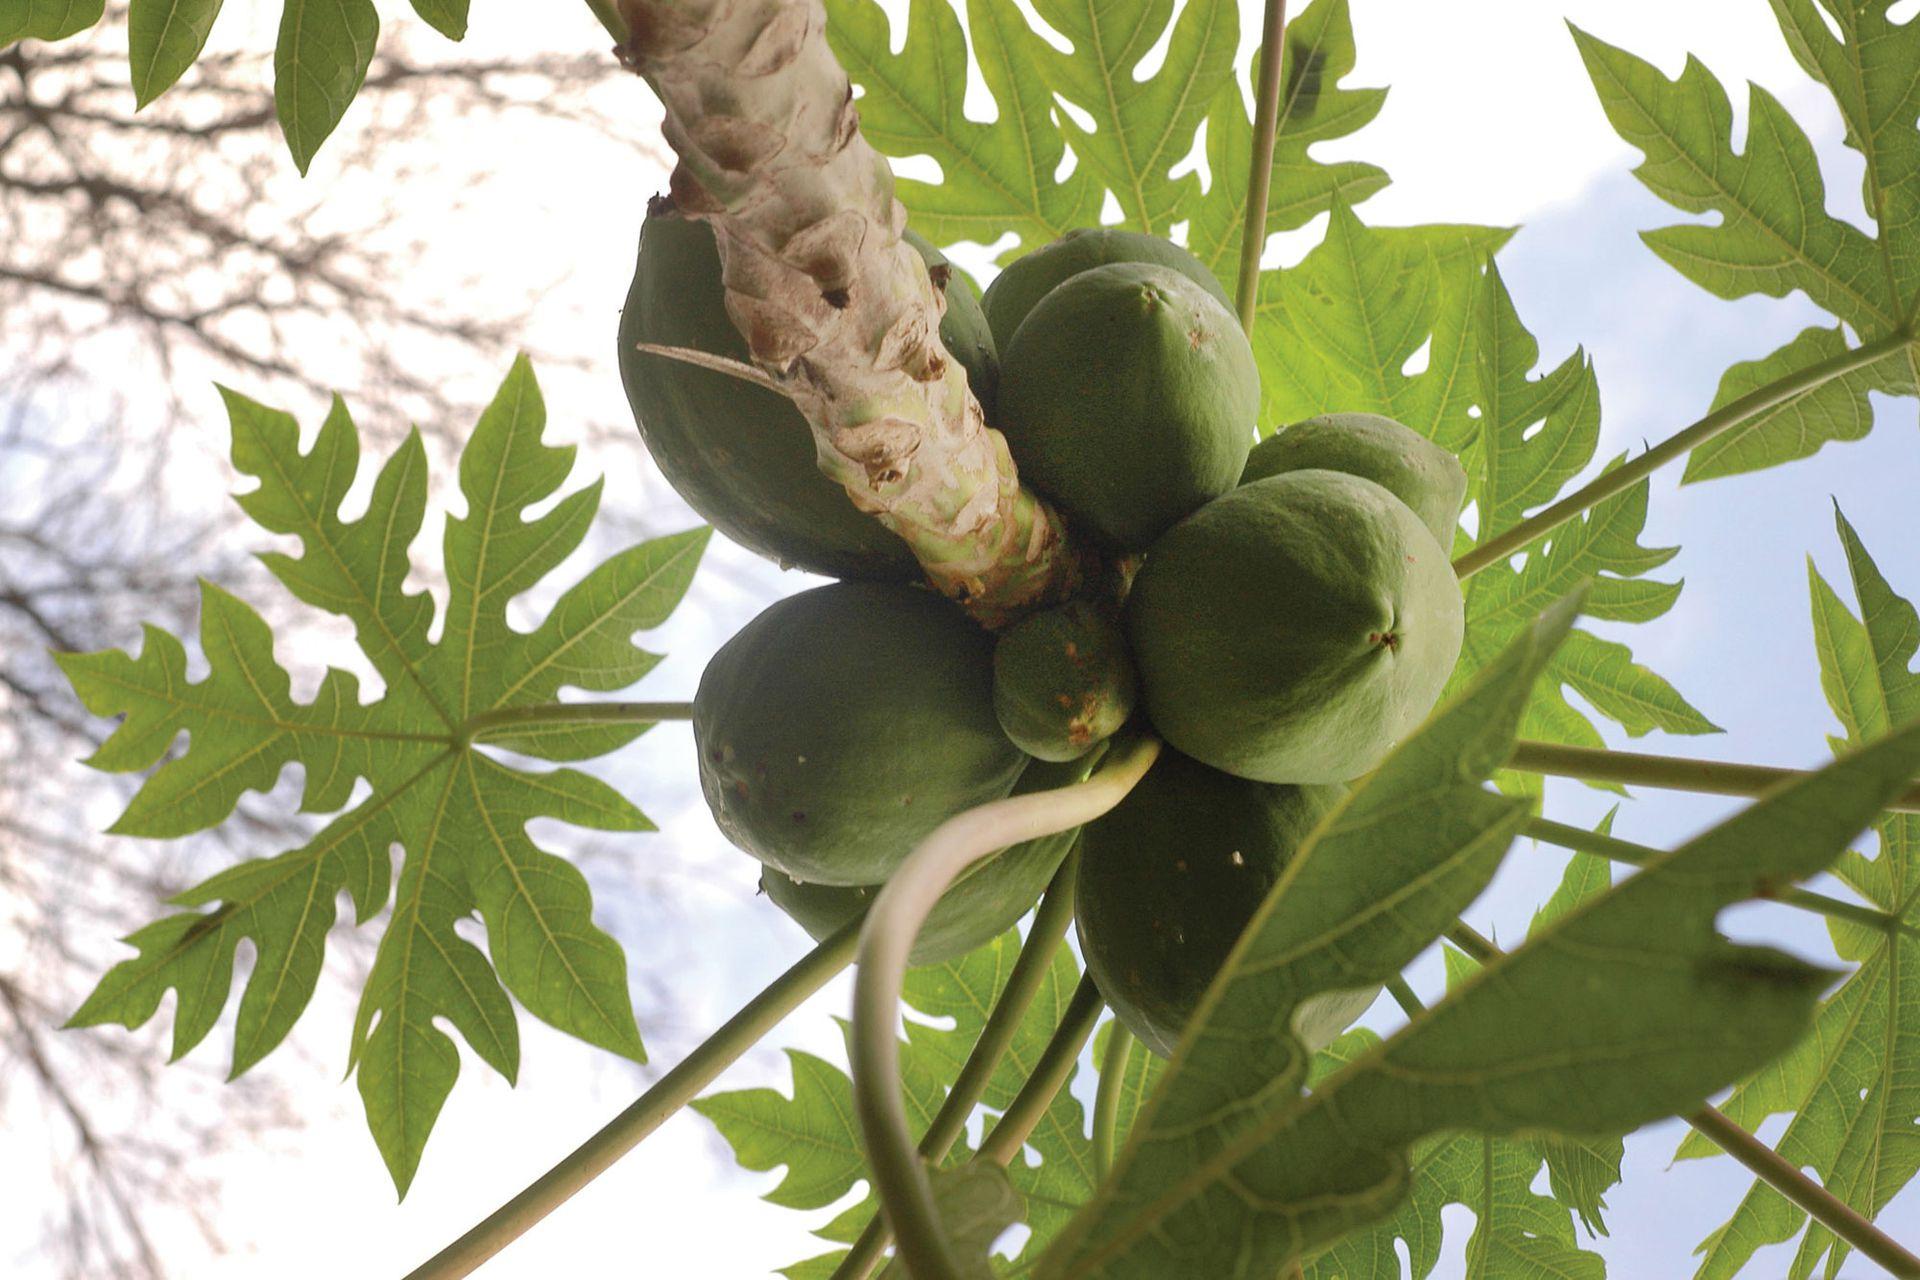 El mamón o papaya no es un frutal de aspecto común, todo lo contrario. Su silueta, sus hojas y la particularidad de los frutos arracimados sobre el tronco hacen que sea especialmente indicado para jardines de estética tropical.